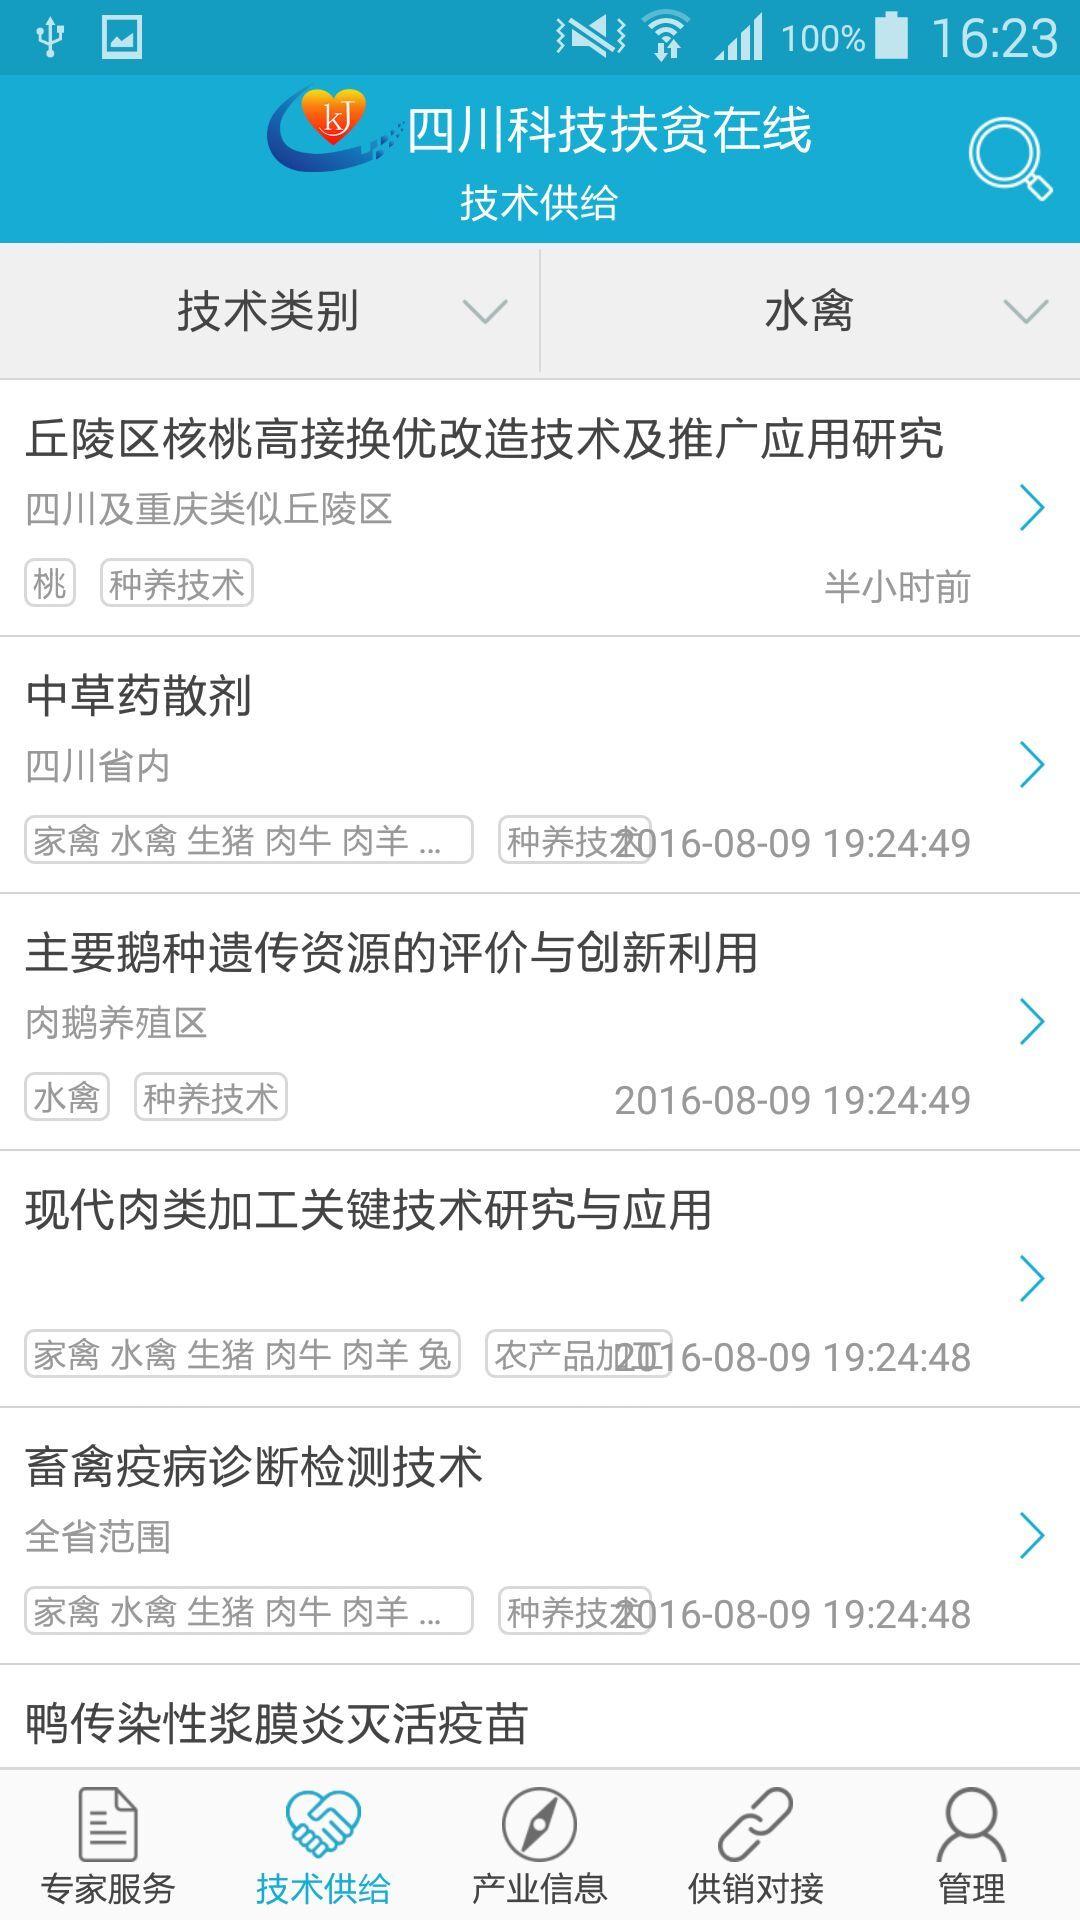 四川科技扶贫在线软件下载手机版app图片2